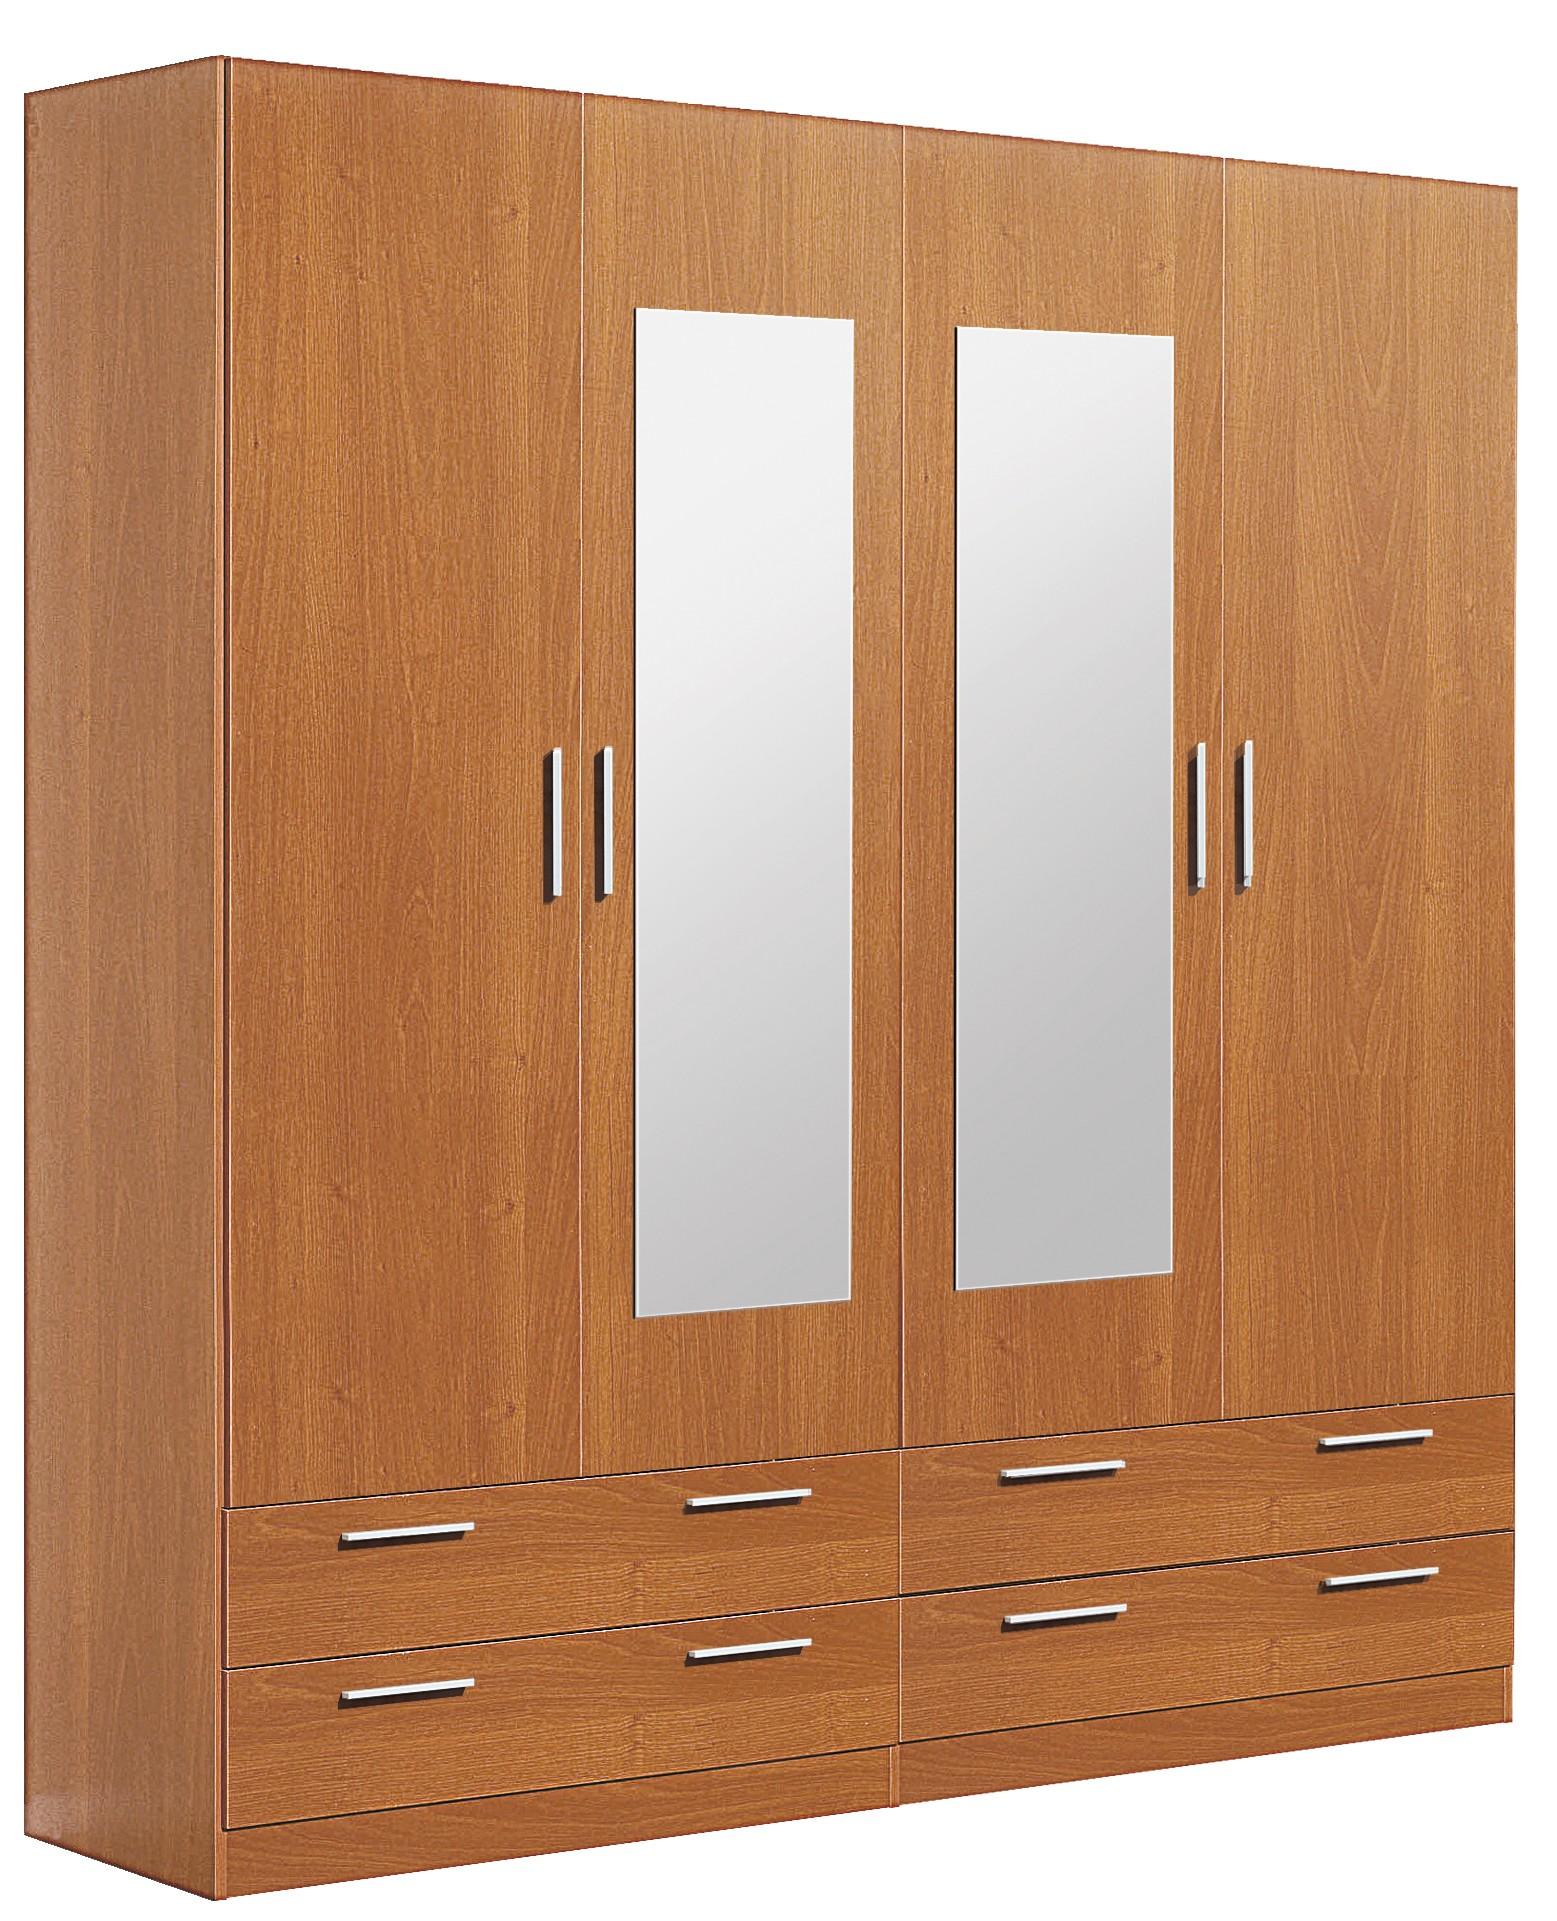 Armario 4/p con lunas |armario|dormitorio|matrimonio|mueble|